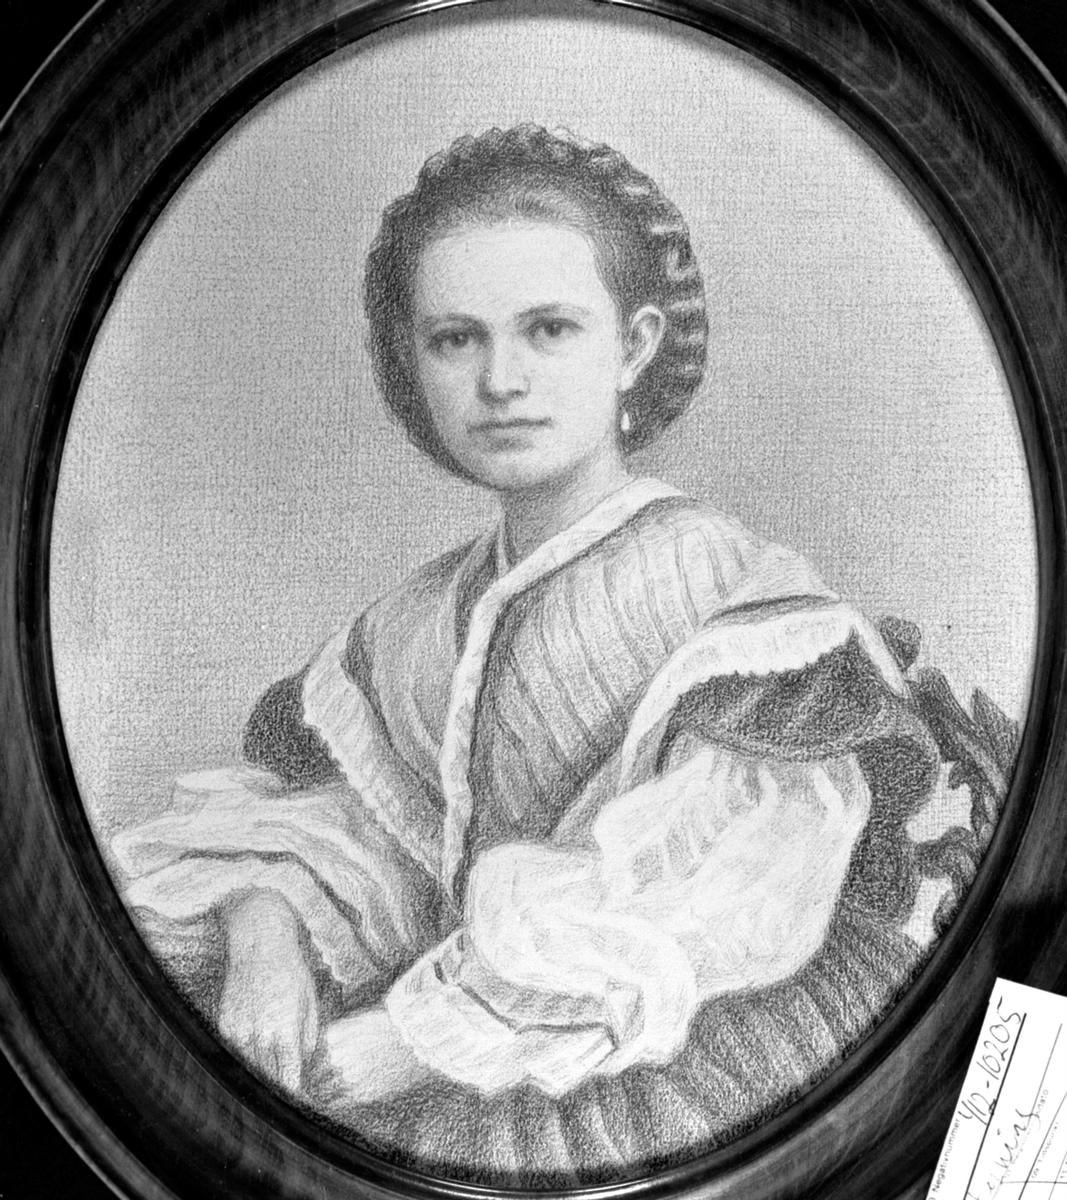 Tegnet portrett av Anne Marie Tollesdatter Hoel (1844-1921). Hovinsholm, Helgøya.